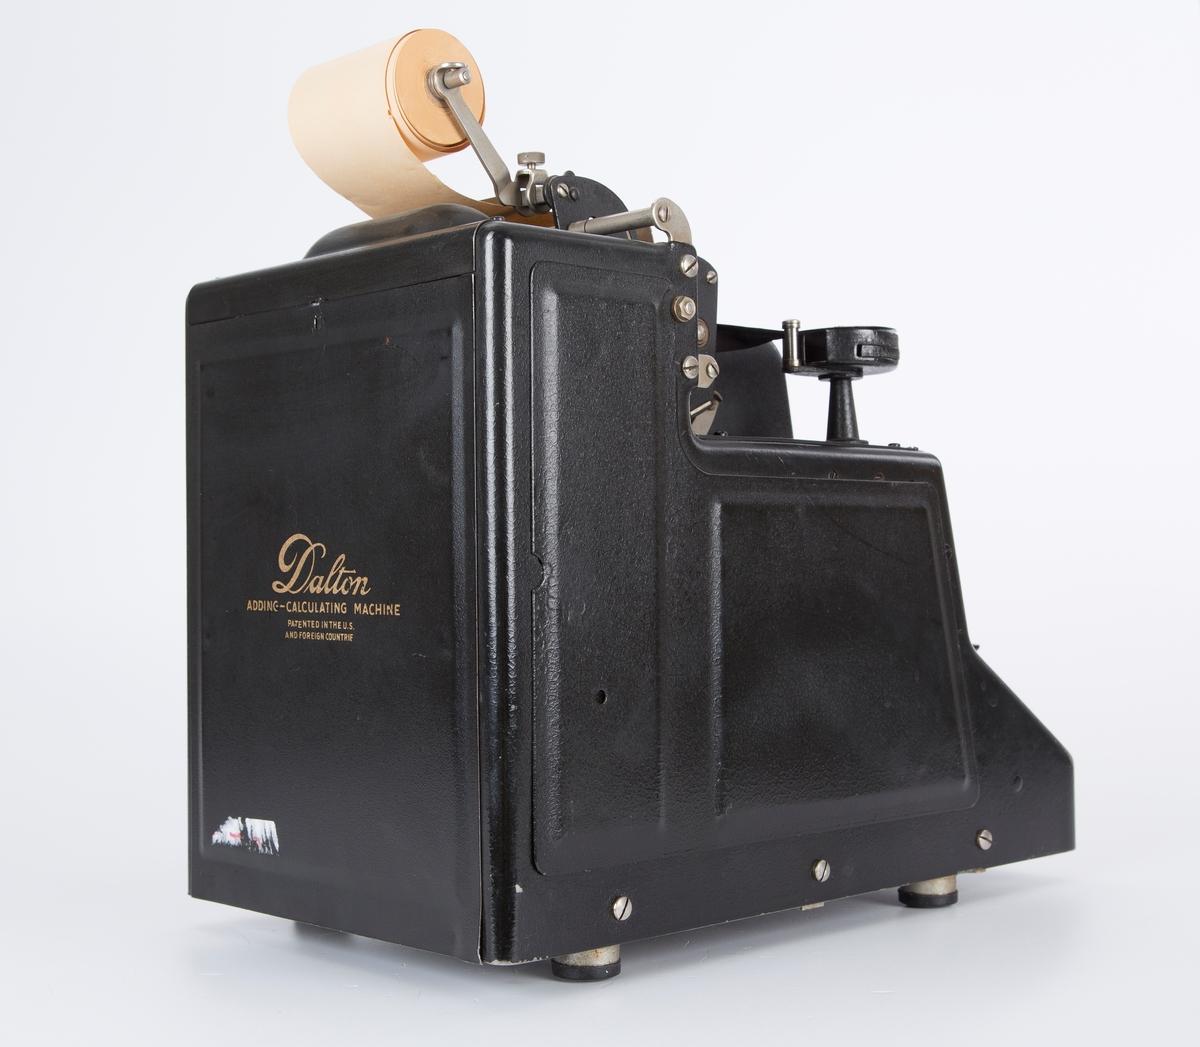 regne/summeringsmaskin. rektangulær boks med numeriske knapper. et sveivehåndtak og feste til papirrull på maskinenes bakside. Sveiv på høyre side.